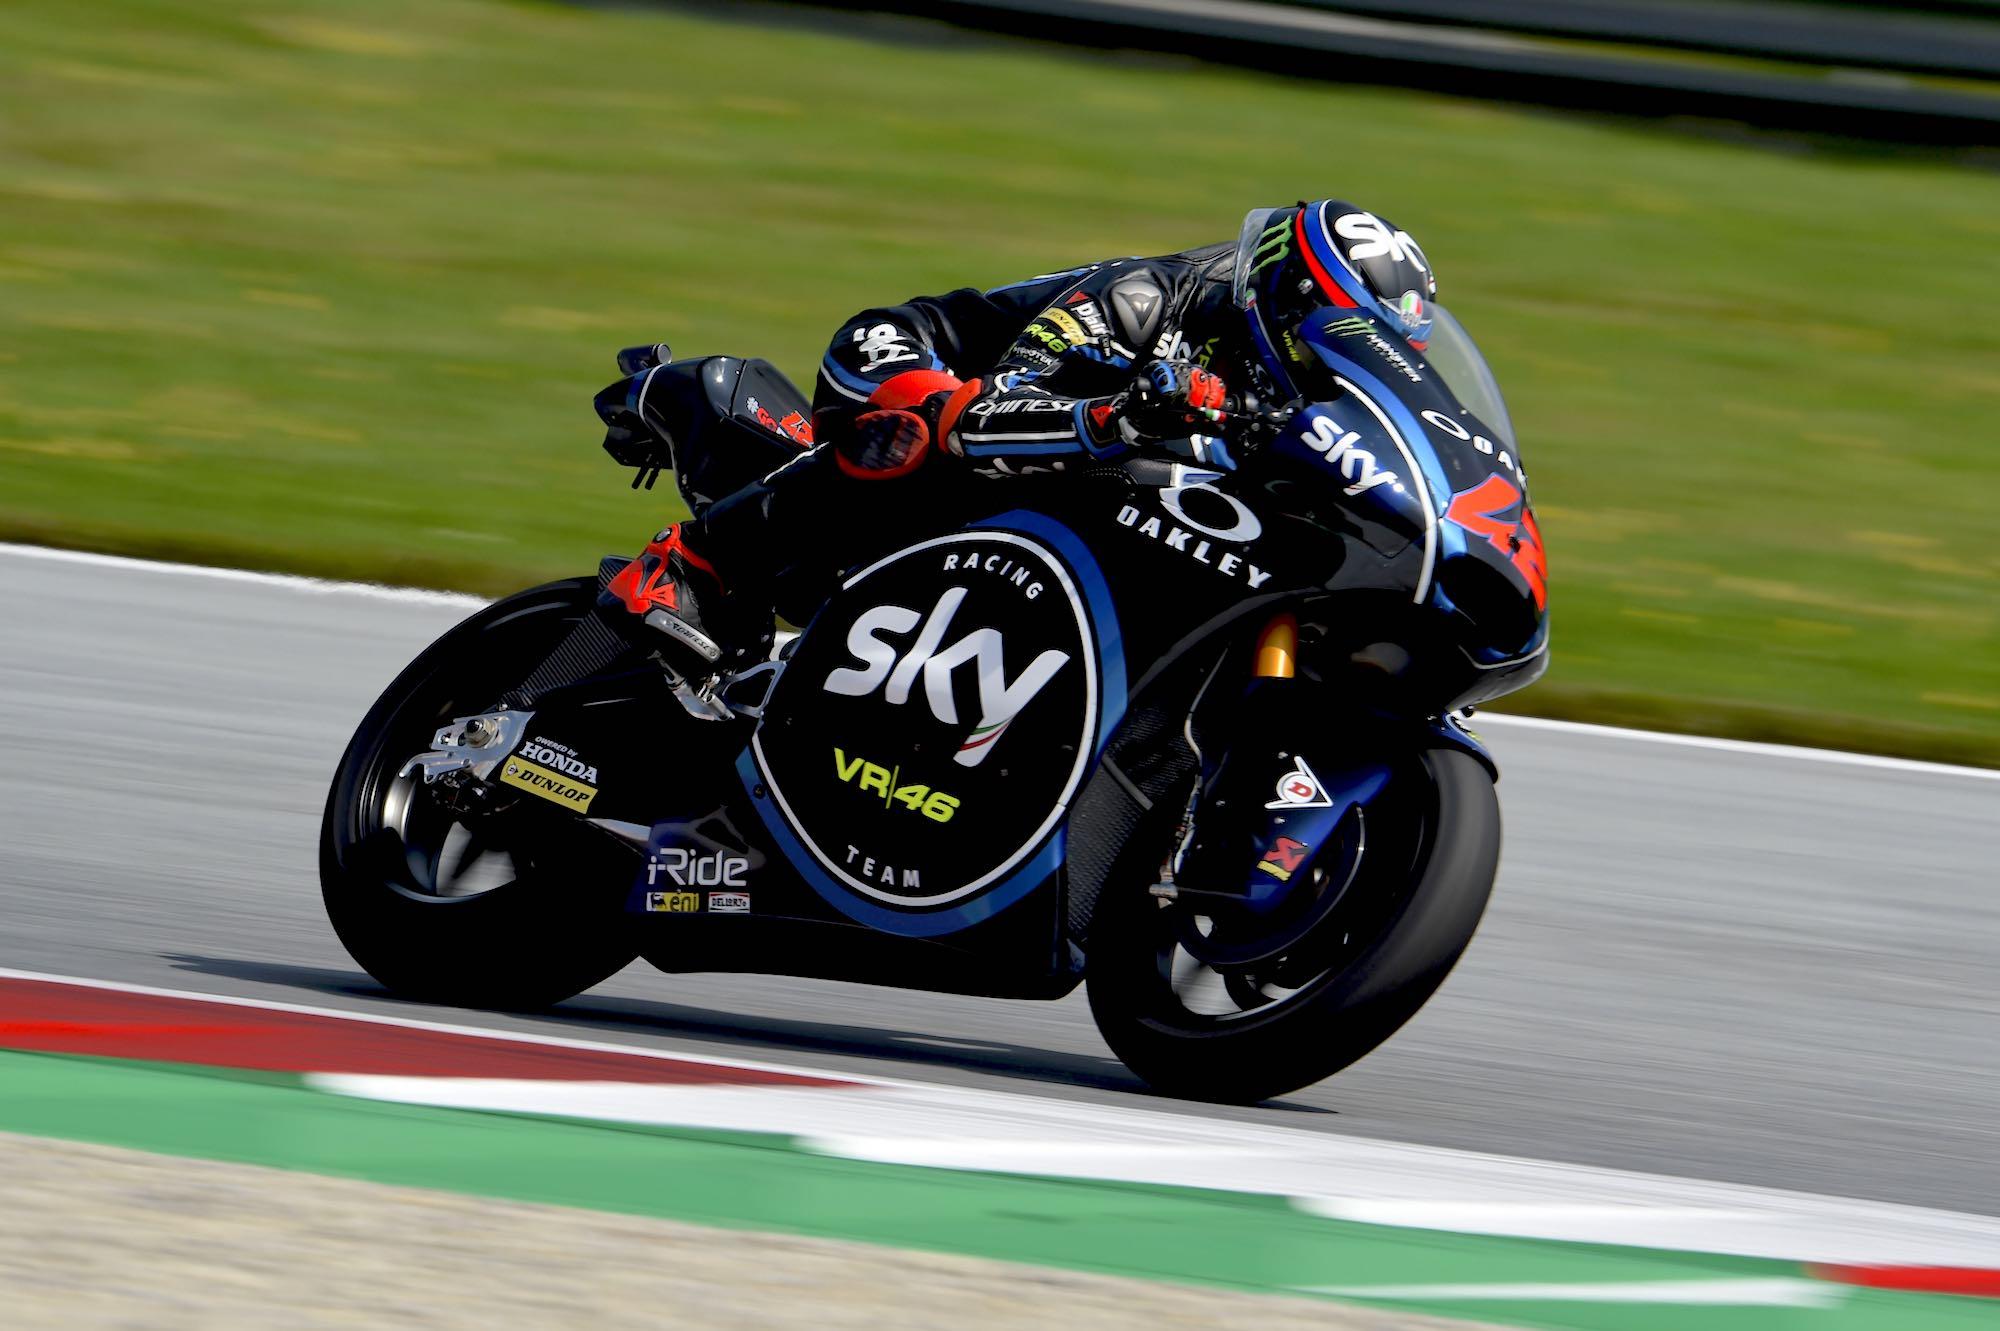 Pecco Bagnaia triunfa en Austria tras medirse con Miguel Oliveira hasta la última vuelta